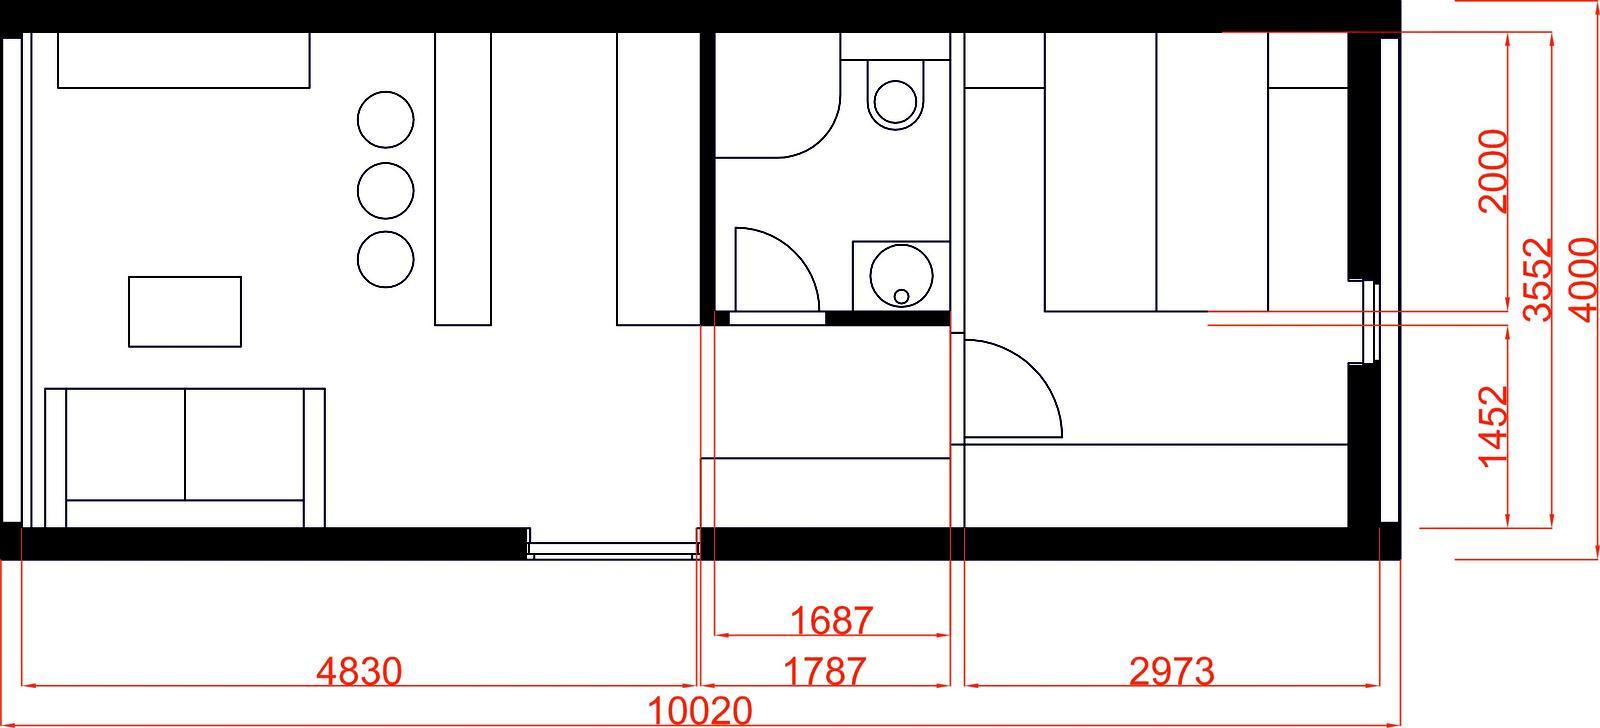 Mobilné domy - Veľkosť mobilného domu č.1